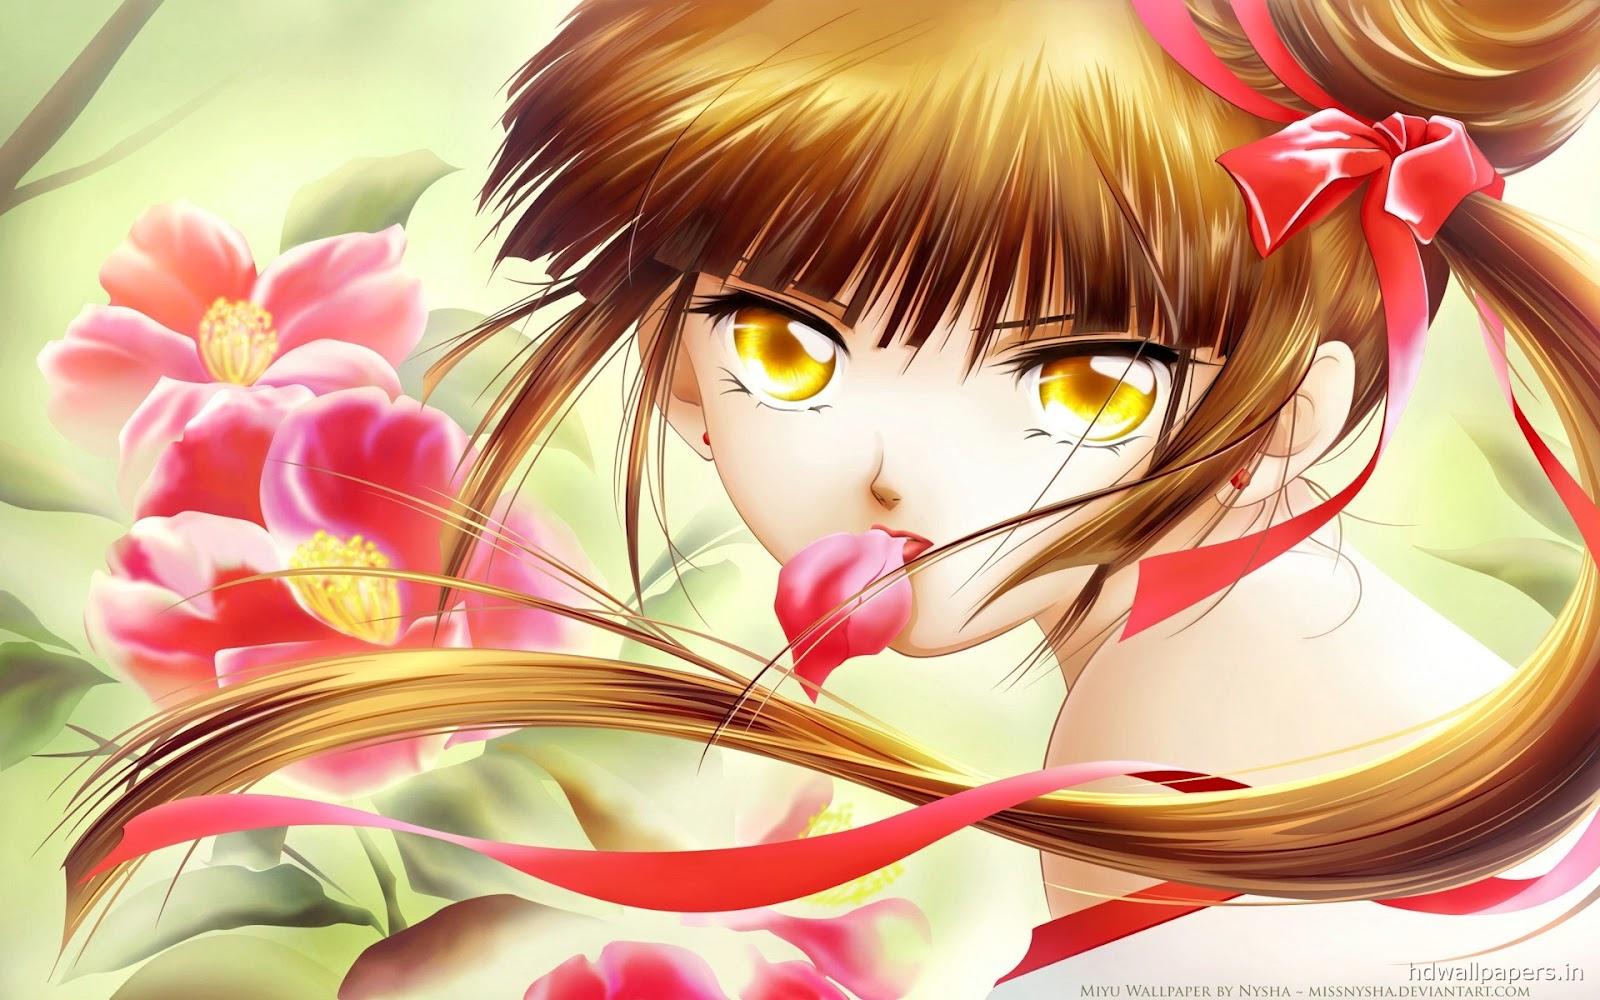 http://1.bp.blogspot.com/-6PzRxbWGQck/UF8b03JckdI/AAAAAAAAGqc/qiQehYpR1Pc/s1600/anime-wallpapers-01.jpg